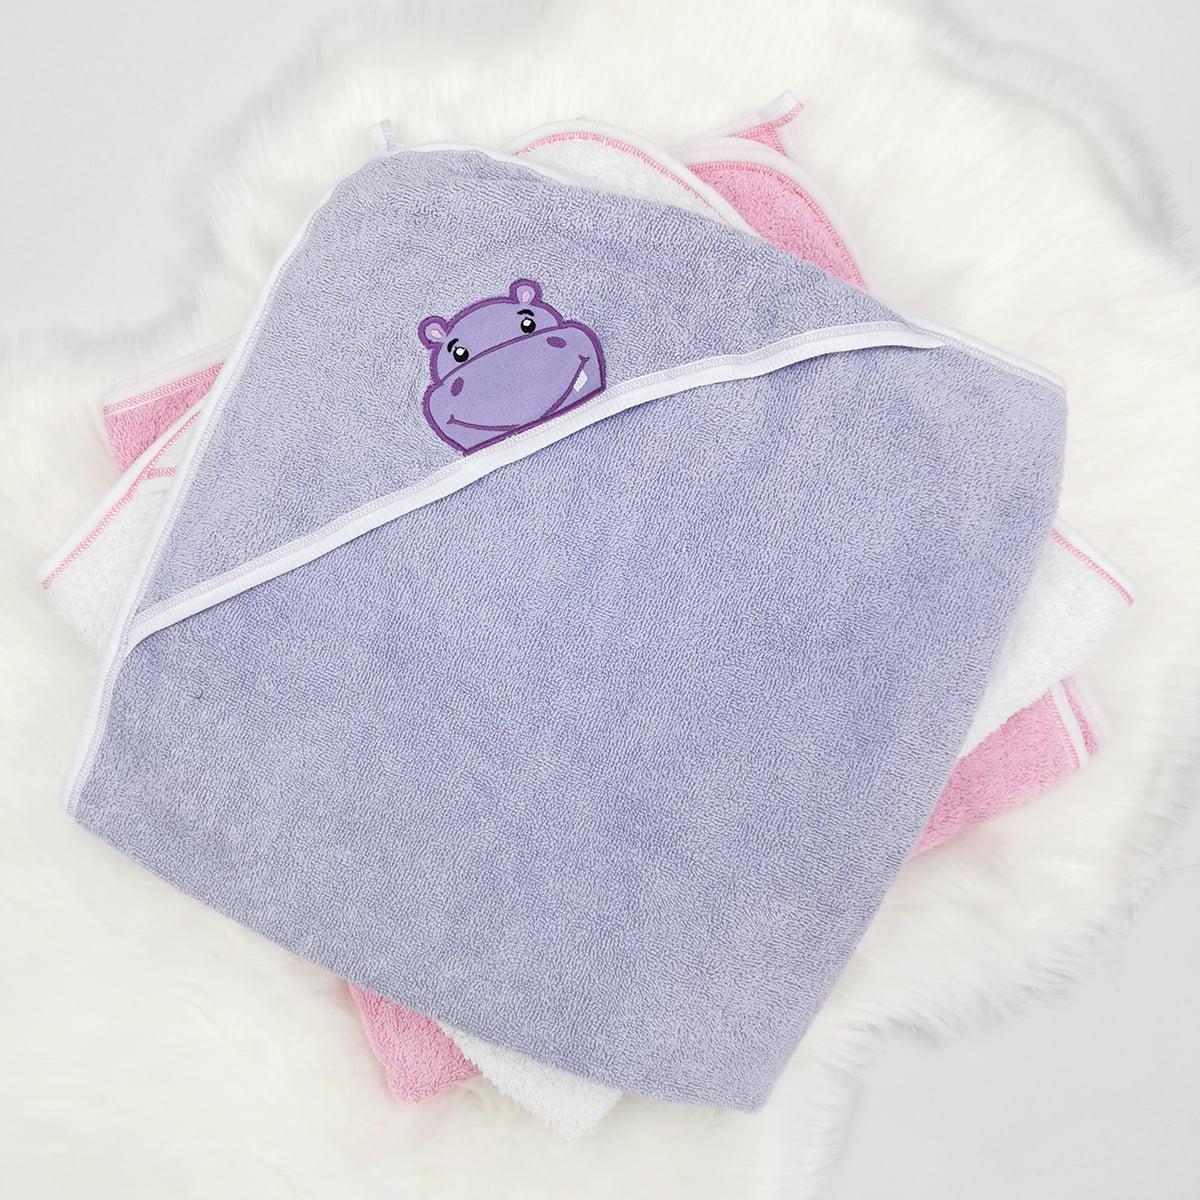 ljubičasti ručnik ogrtač za bebe